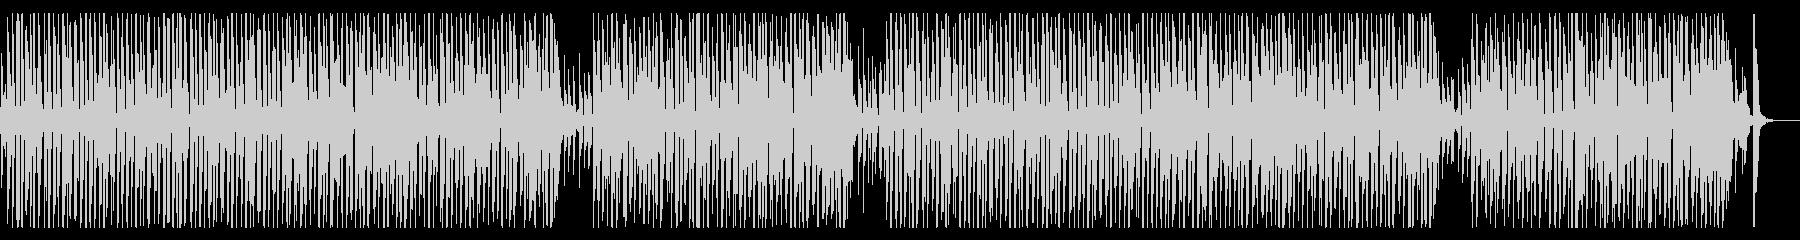 ギターとクラリネットによるフレンチBGMの未再生の波形